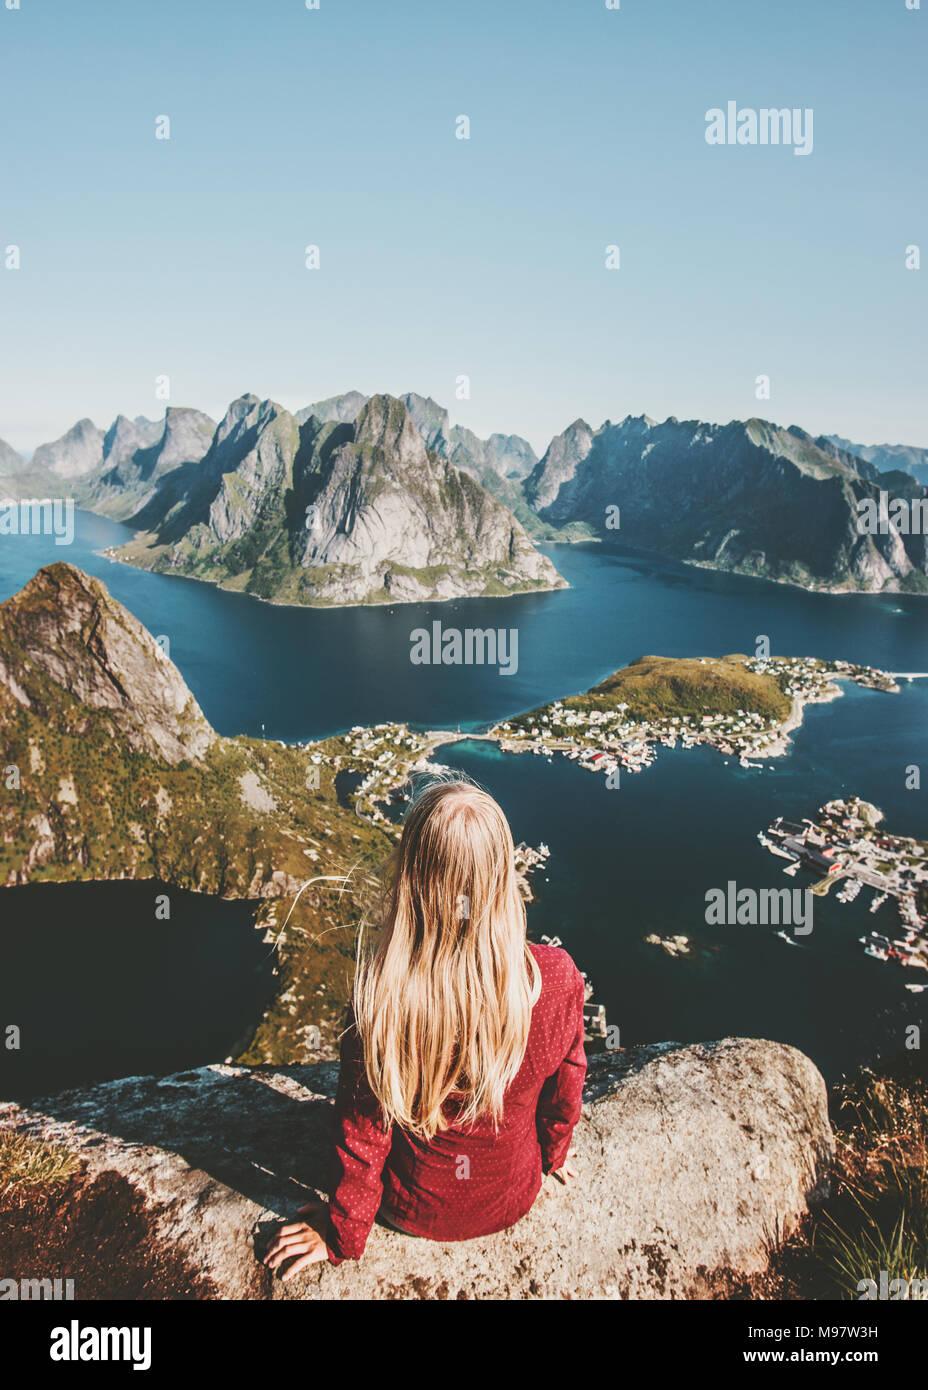 Woman vue montagnes aériennes en Norvège voyage concept de vie sain en plein air aventure vacances d'îles Lofoten Photo Stock